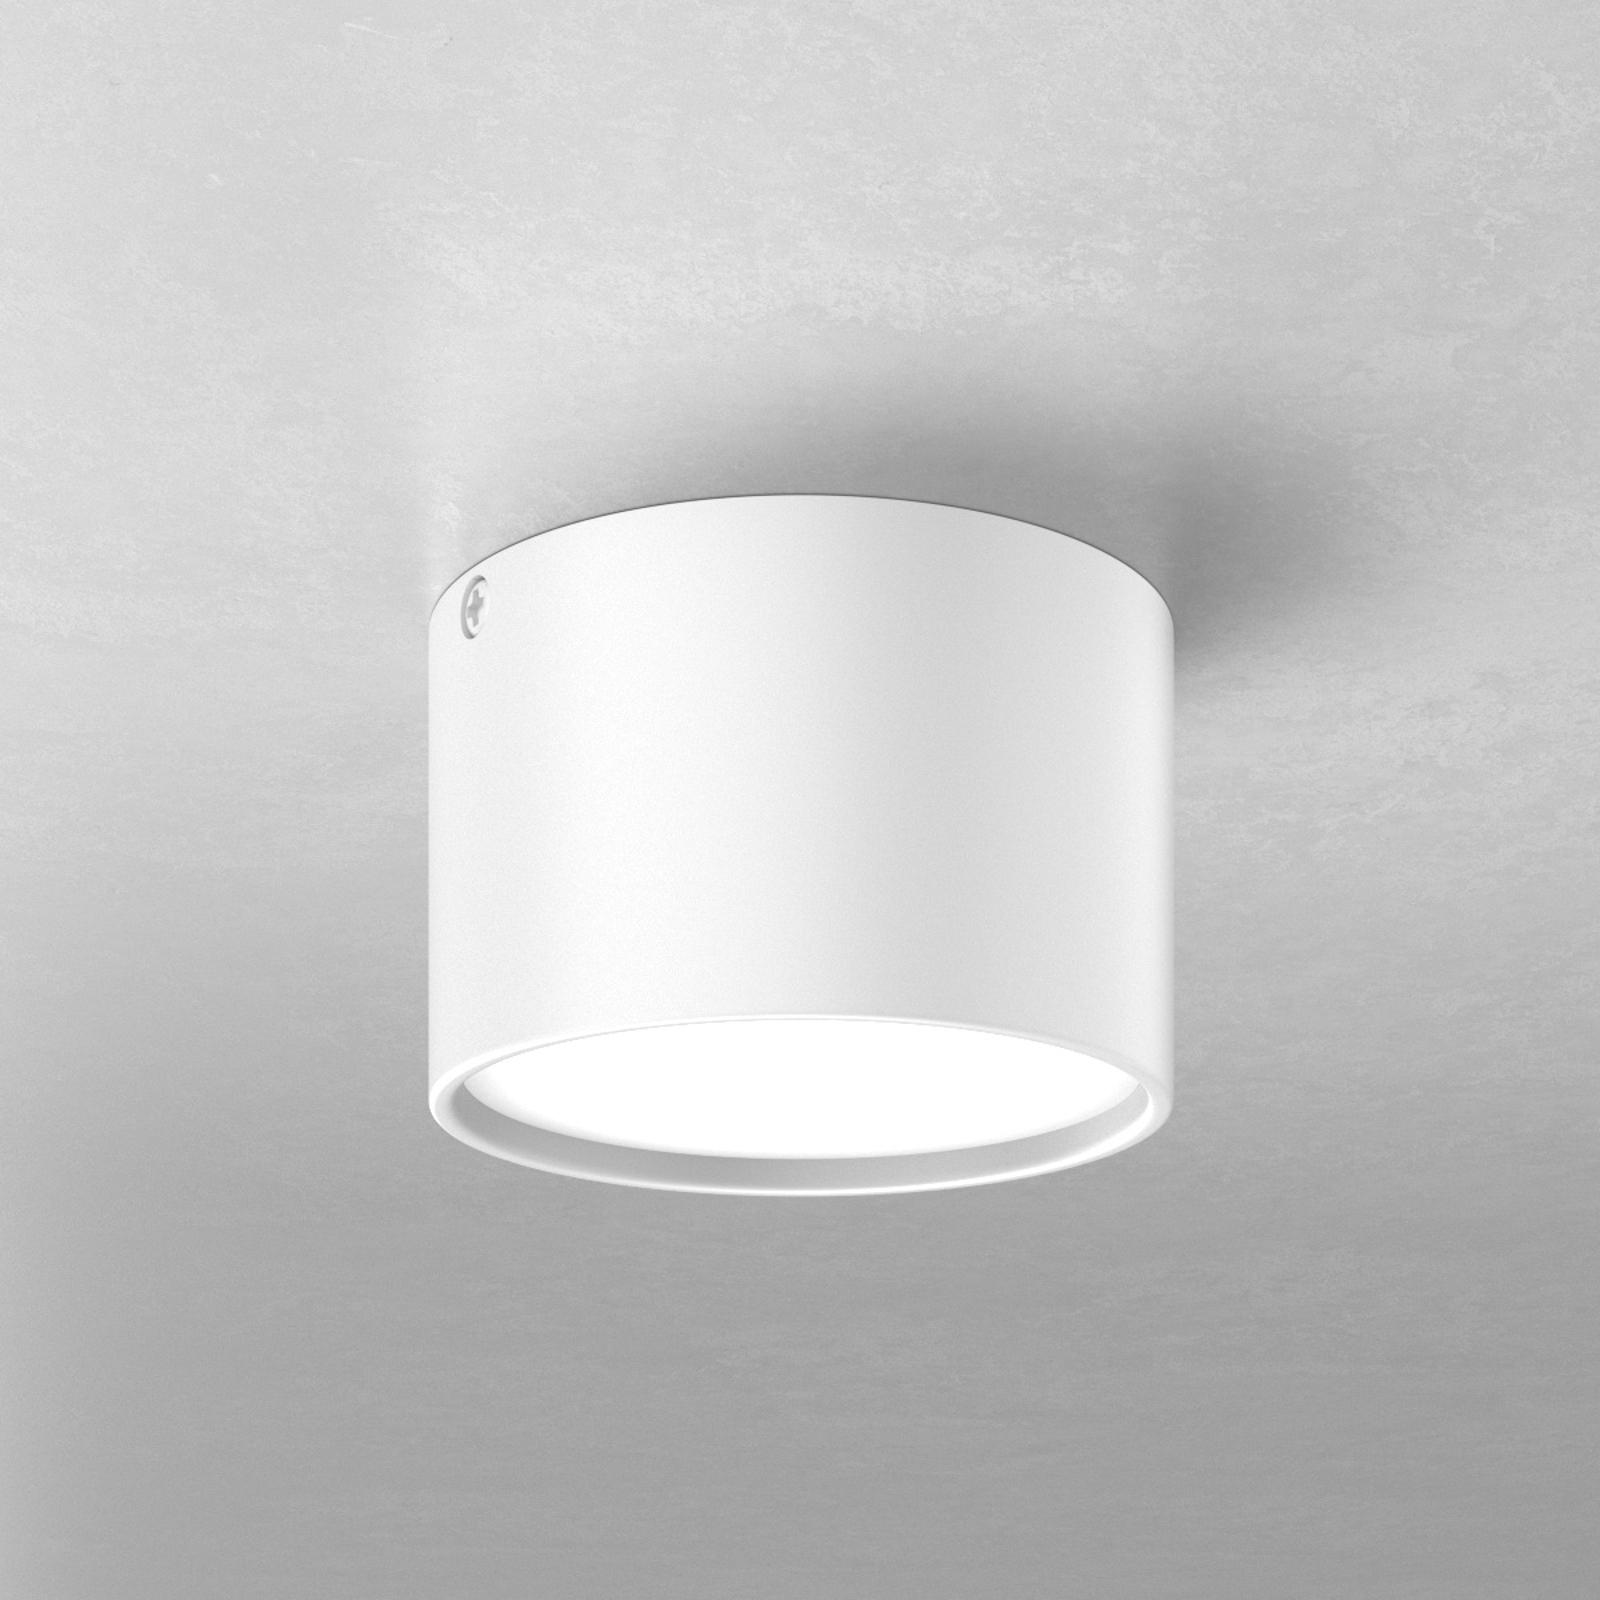 Runde LED-Deckenlampe Mine, weiß 9 cm